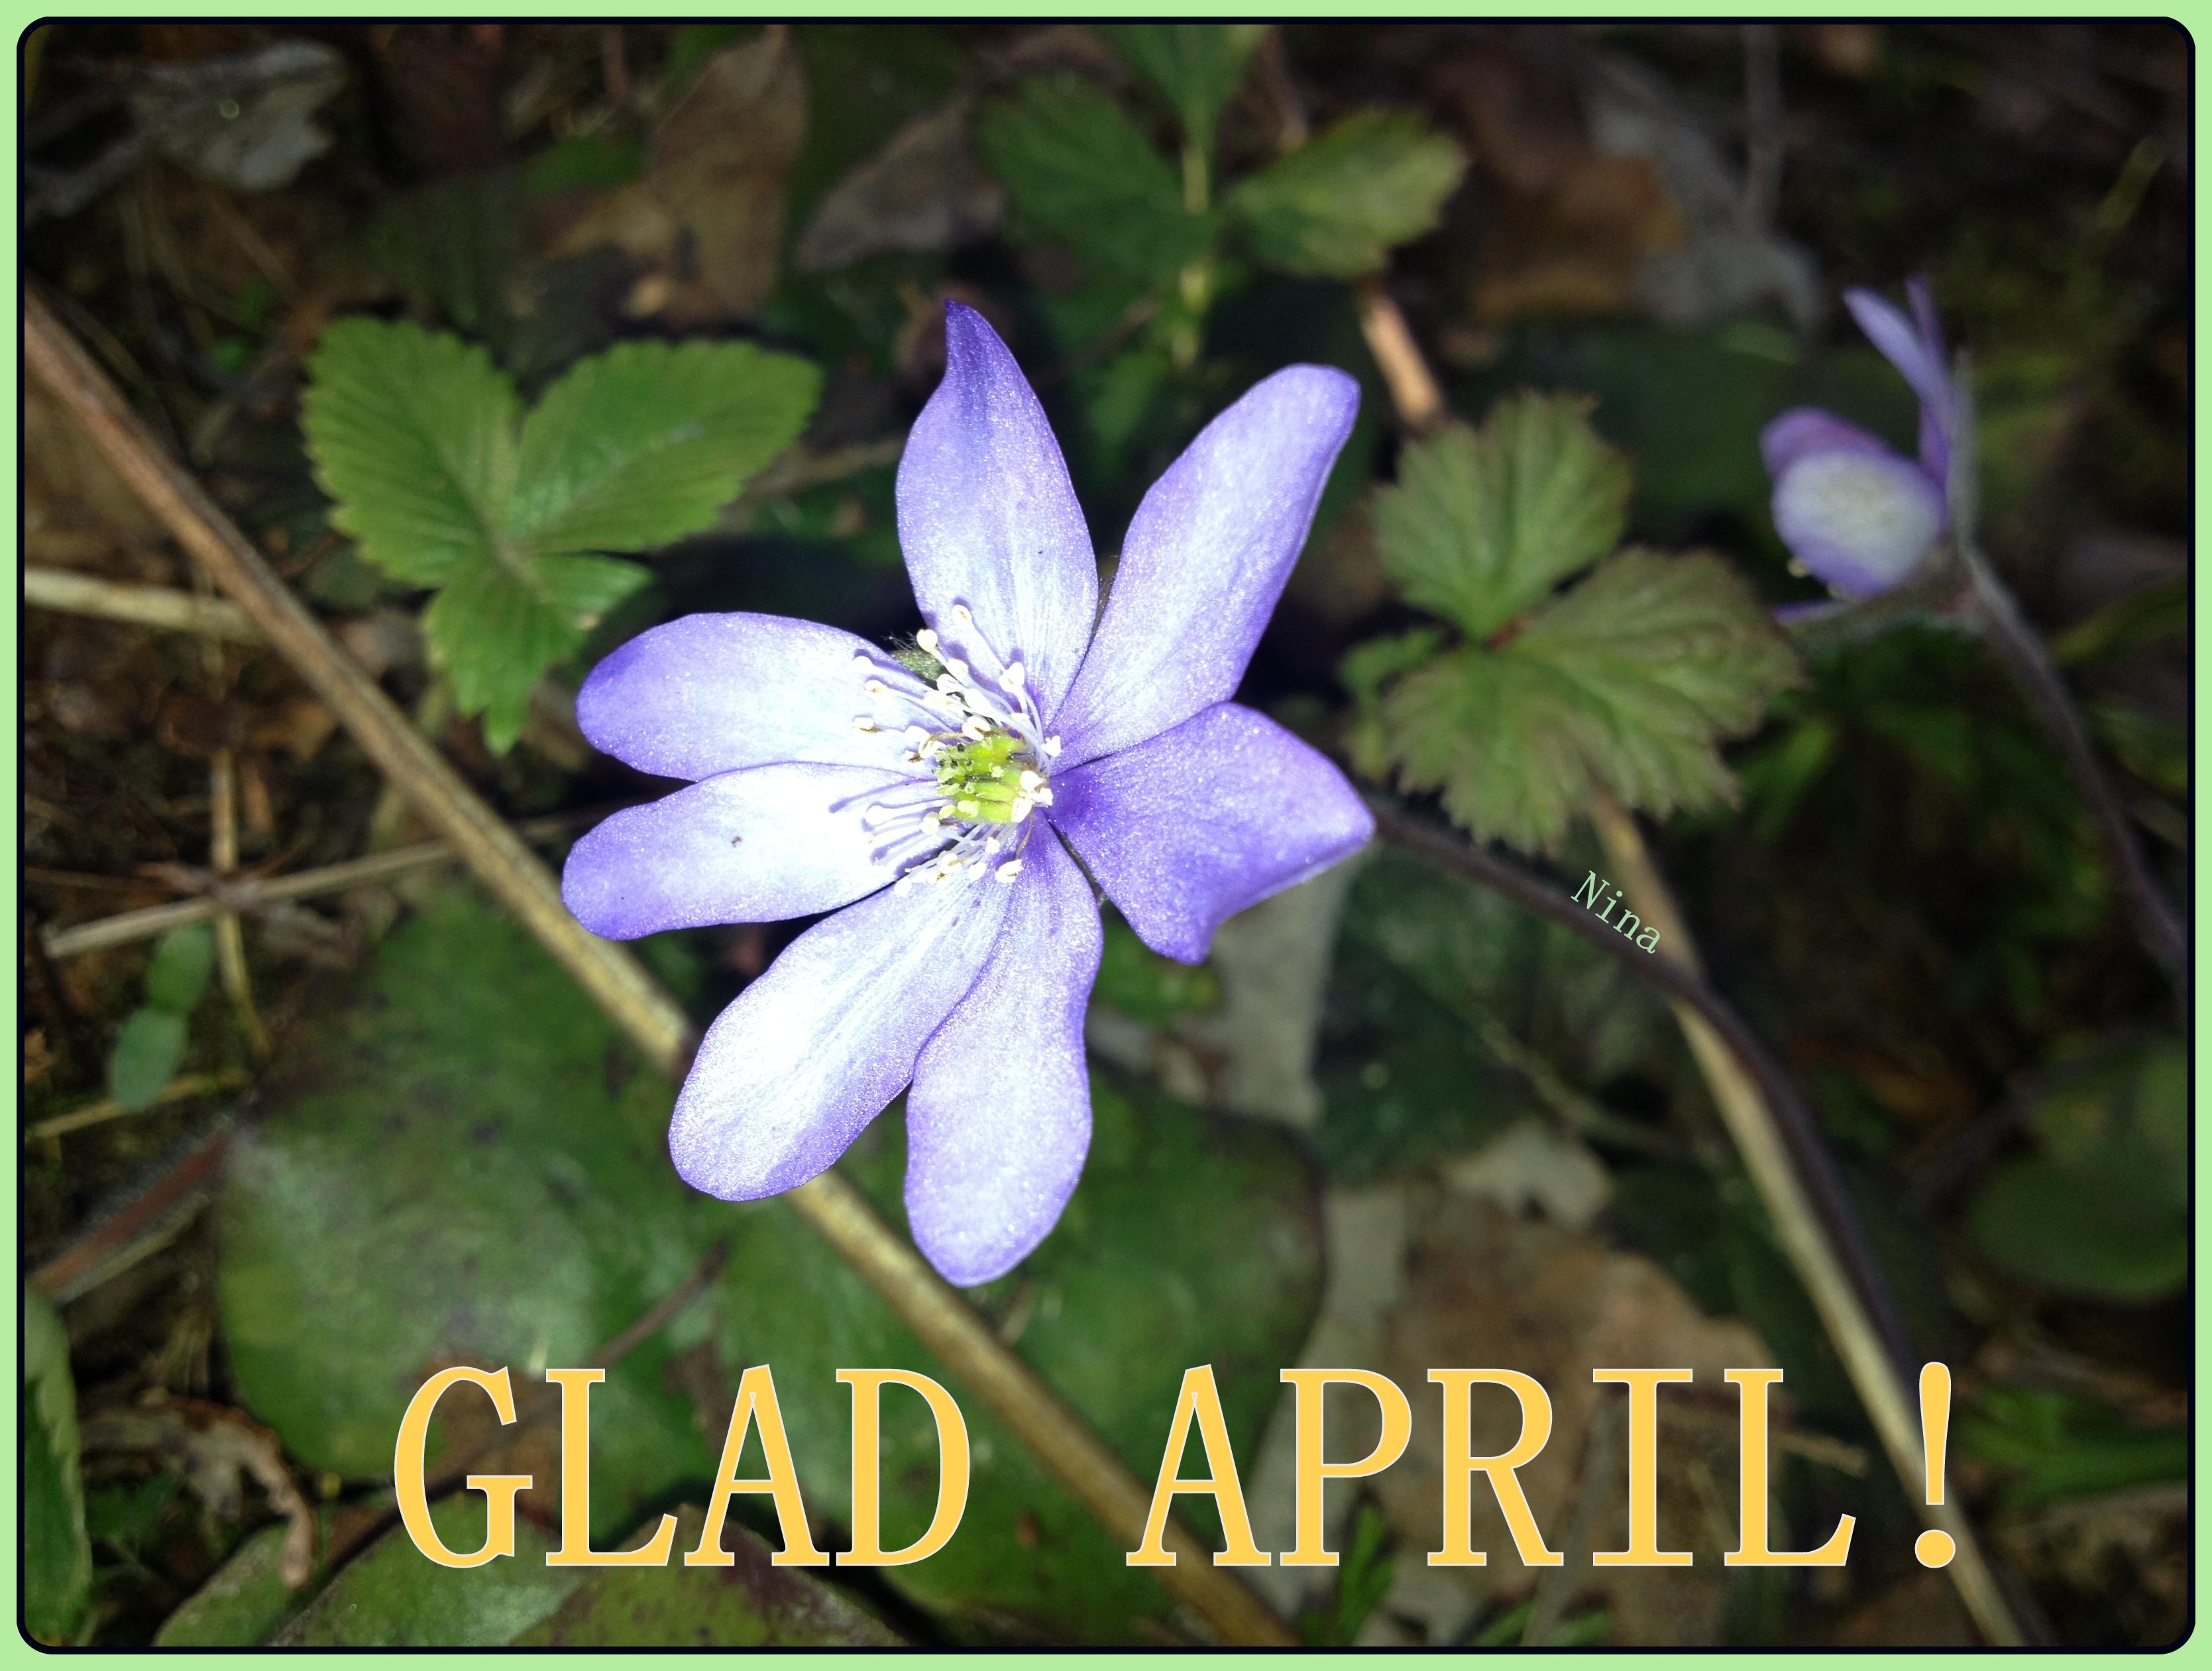 Glad april! Fotot taget av mig